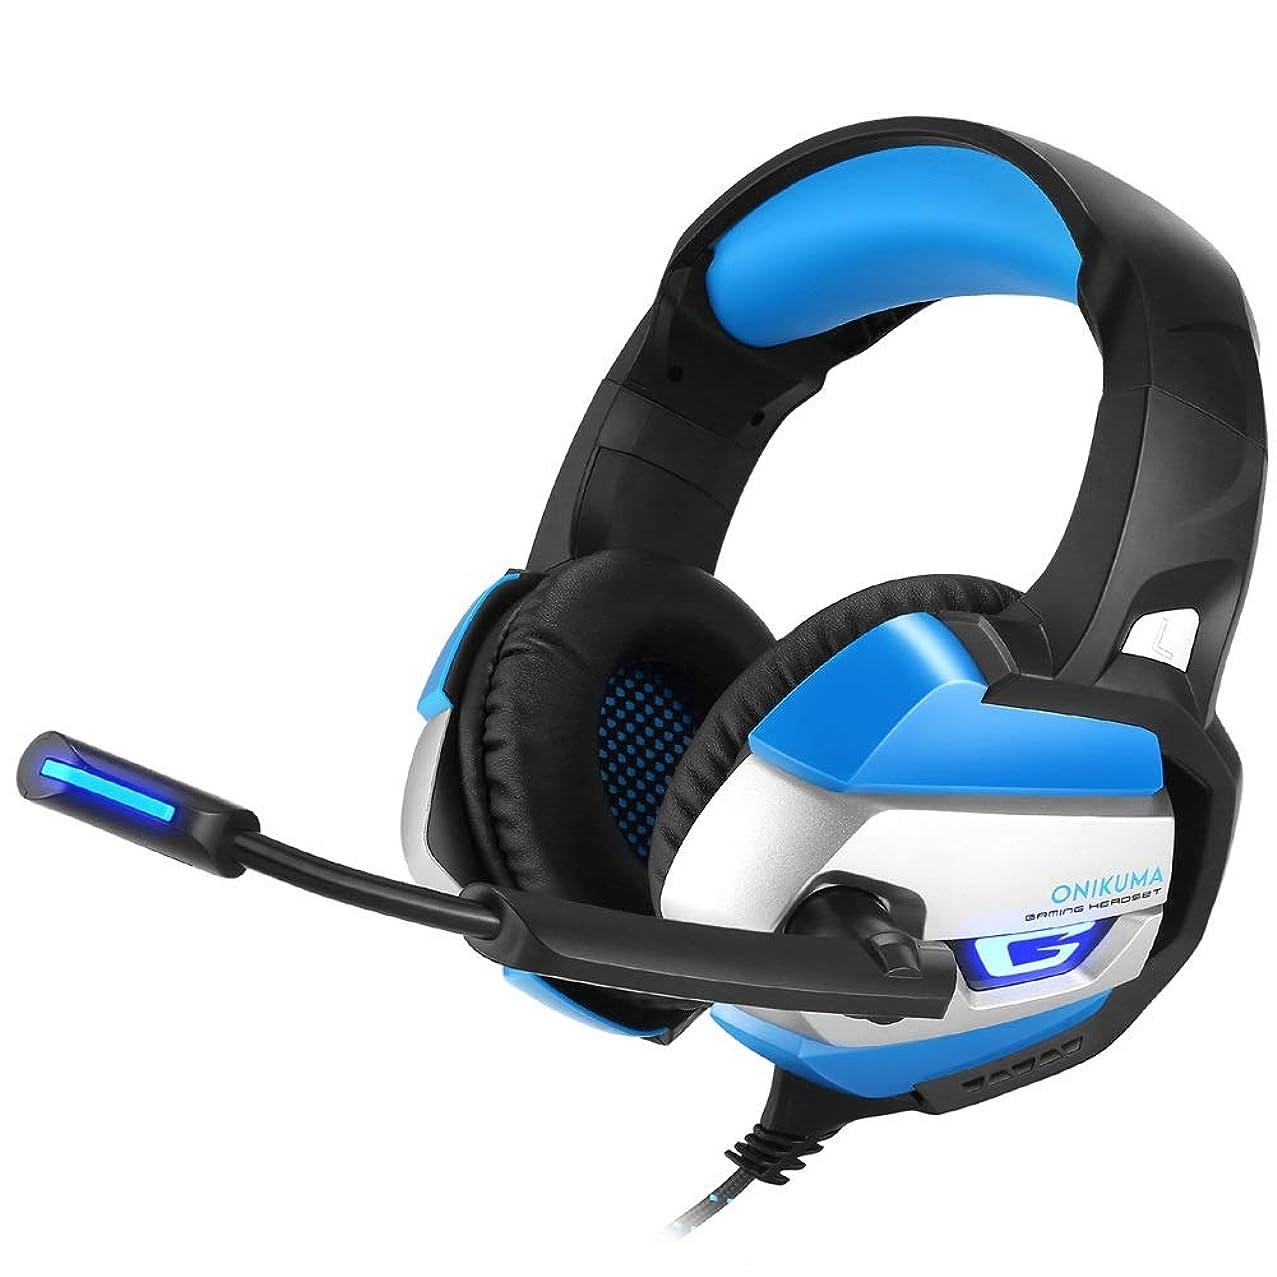 市の中心部暴動底Electrost ラップトップコンピュータ、PS4 3.5mmワイヤードゲーム用ヘッドフォン用マイクとのゲームヘッドセットノイズアイソレーション (色 : 青)